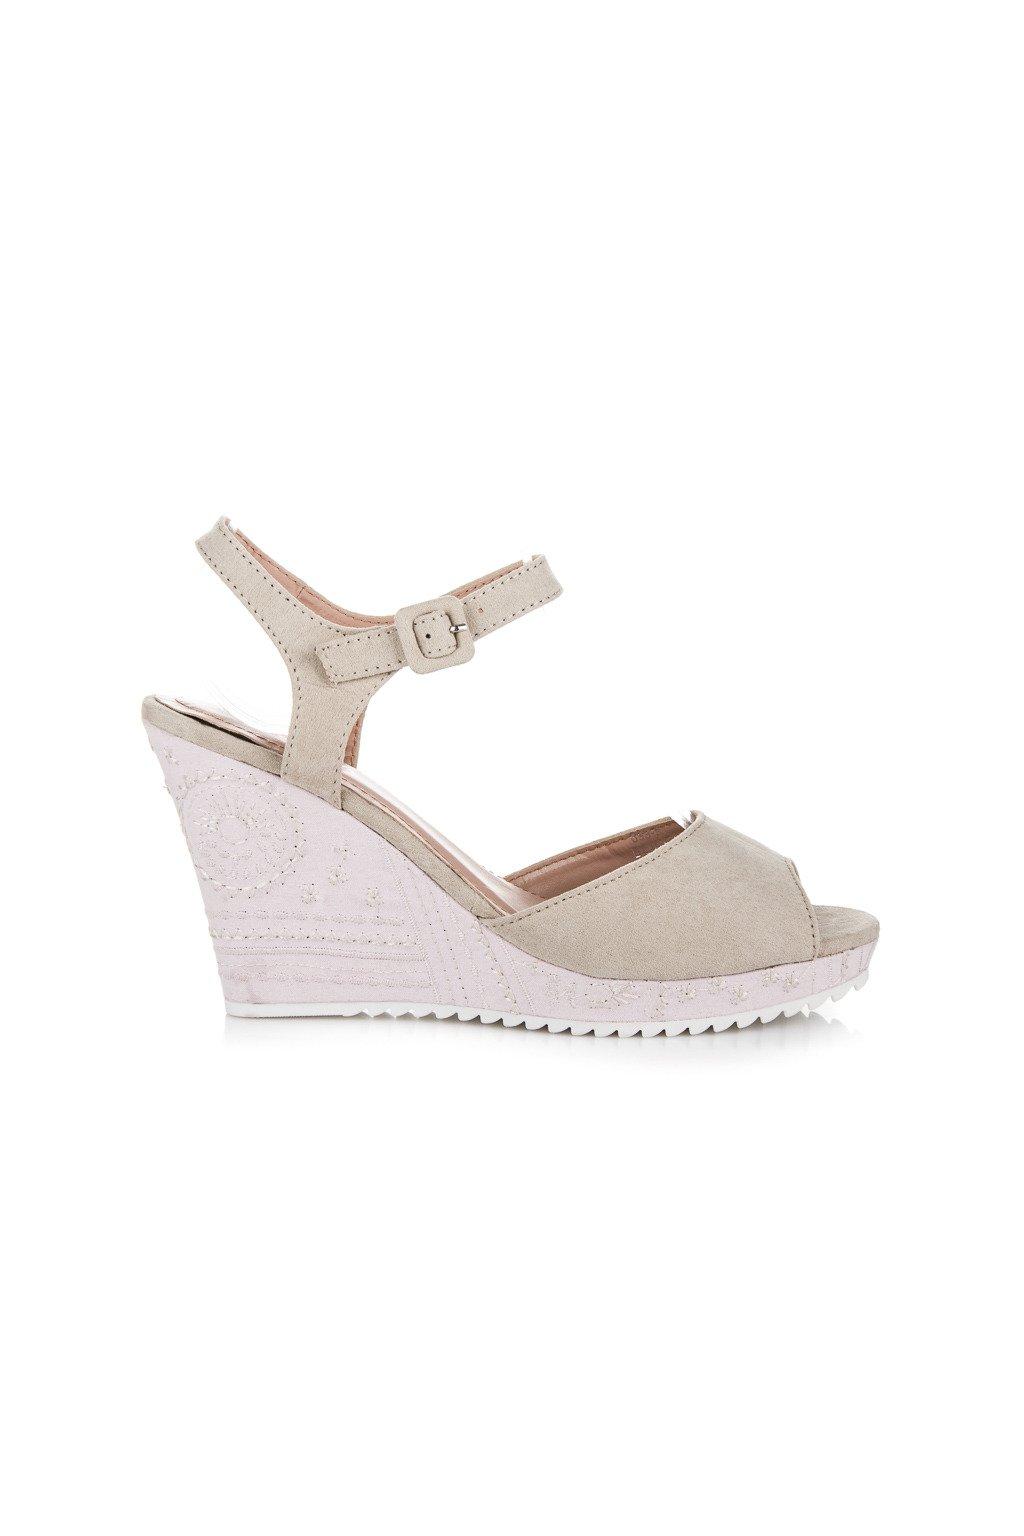 Béžové sandále 699-9BE